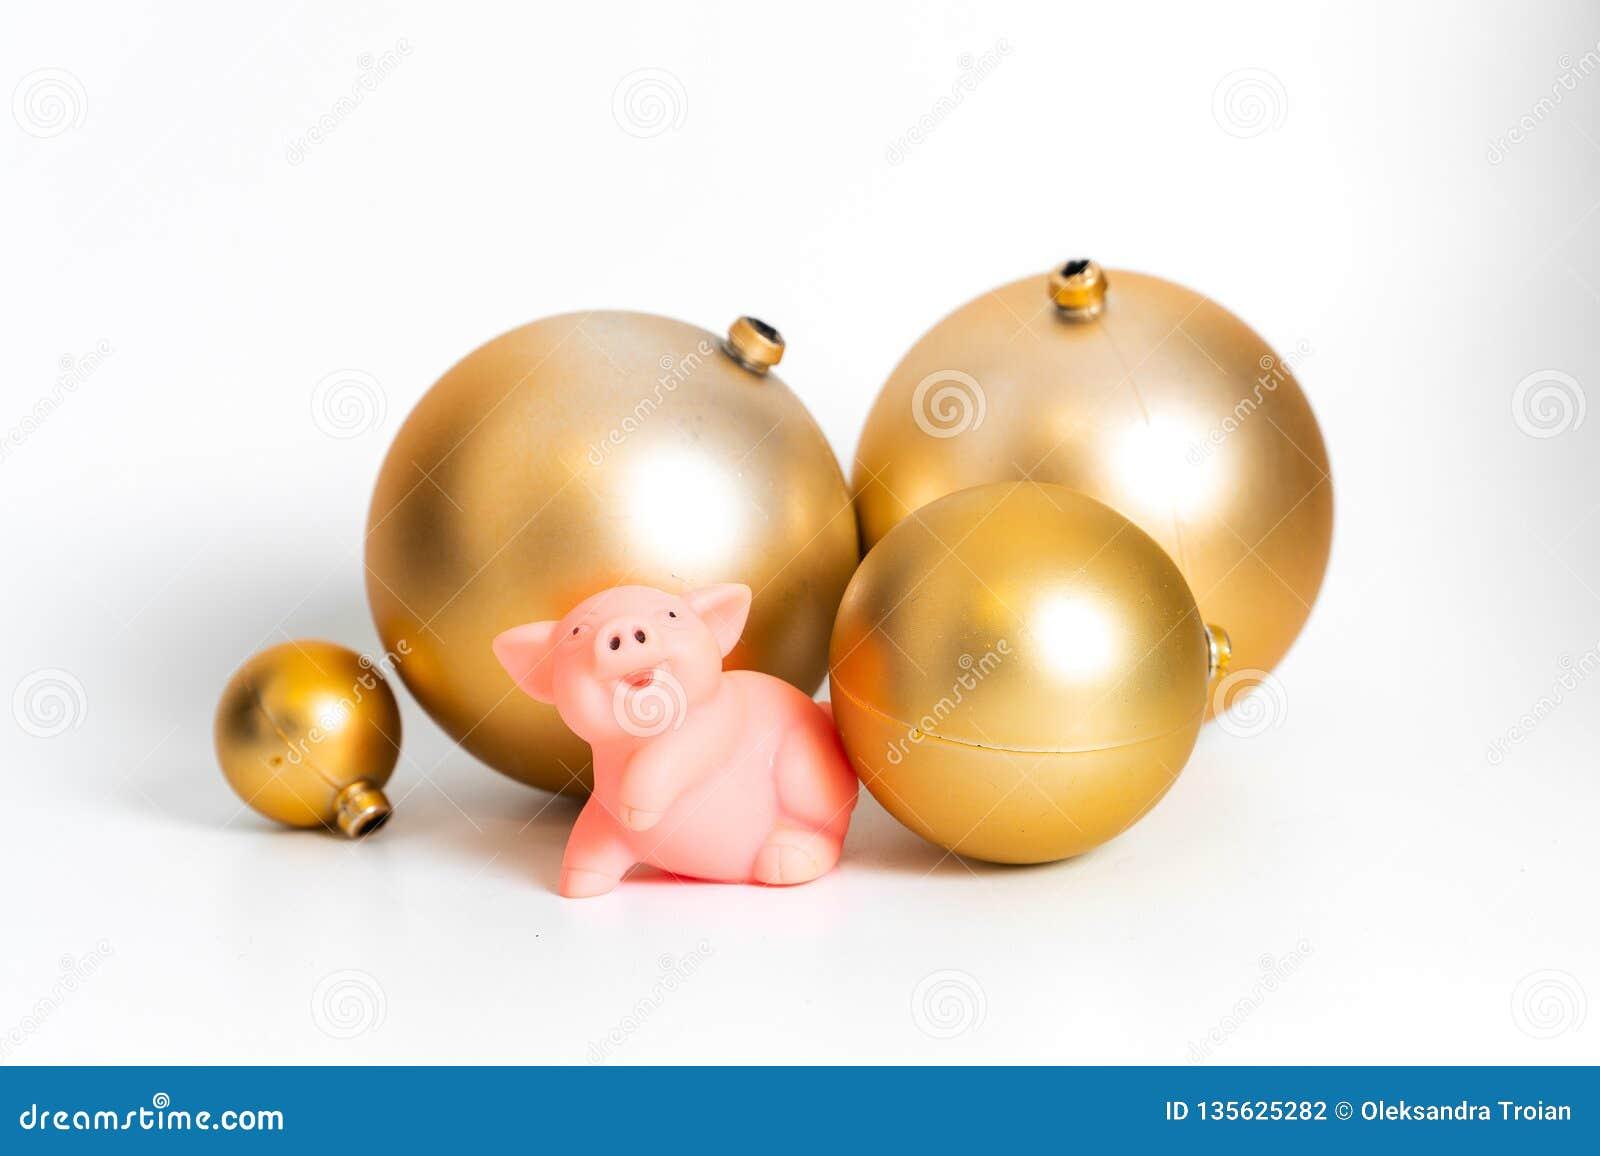 Traditioneller kultureller Tierkreiskalender des goldenen Symbols Ballschwein Chinesischen Neujahrsfests lokalisiert